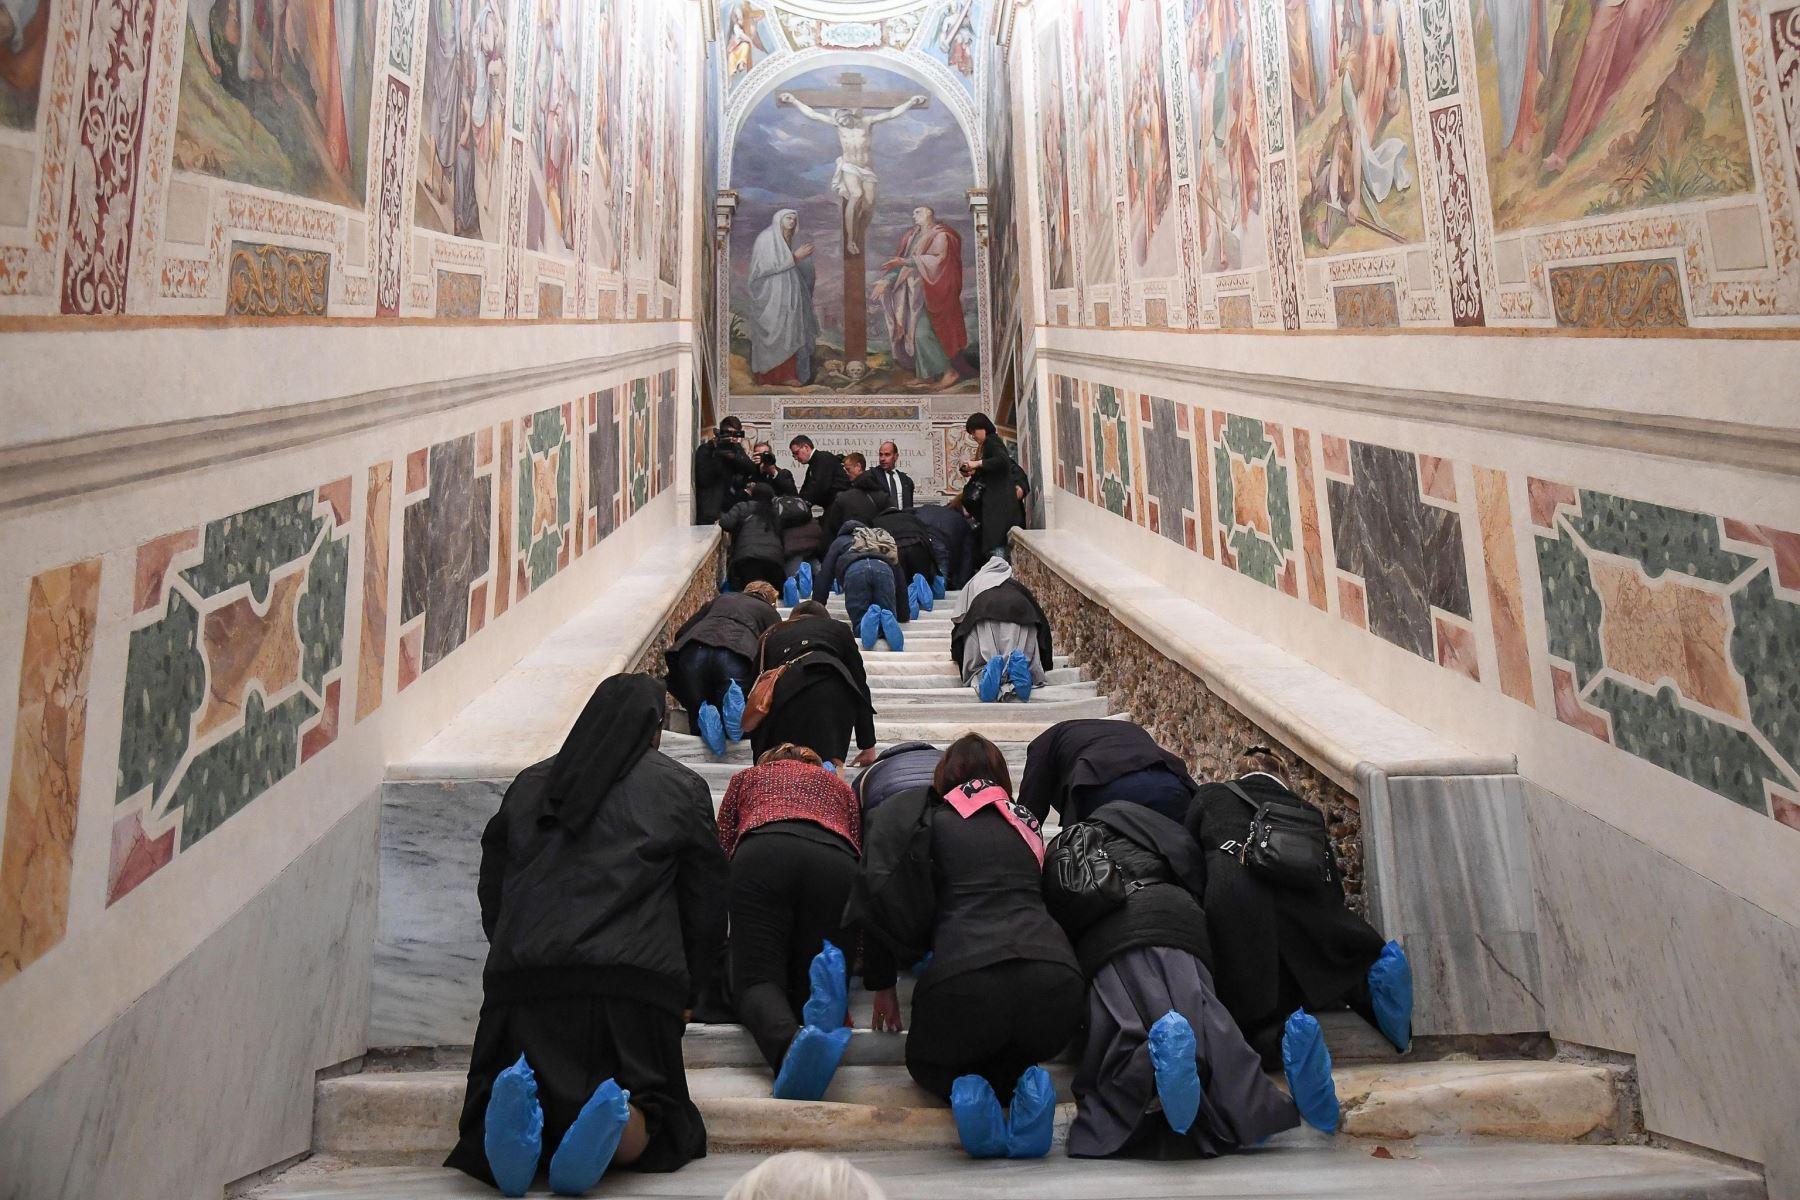 Varias personas recorren de rodillas la Escalera Santa durante su apertura extraordinaria, este jueves en la Basílica de San Juan de Letrán, Roma (Italia). Foto: EFE